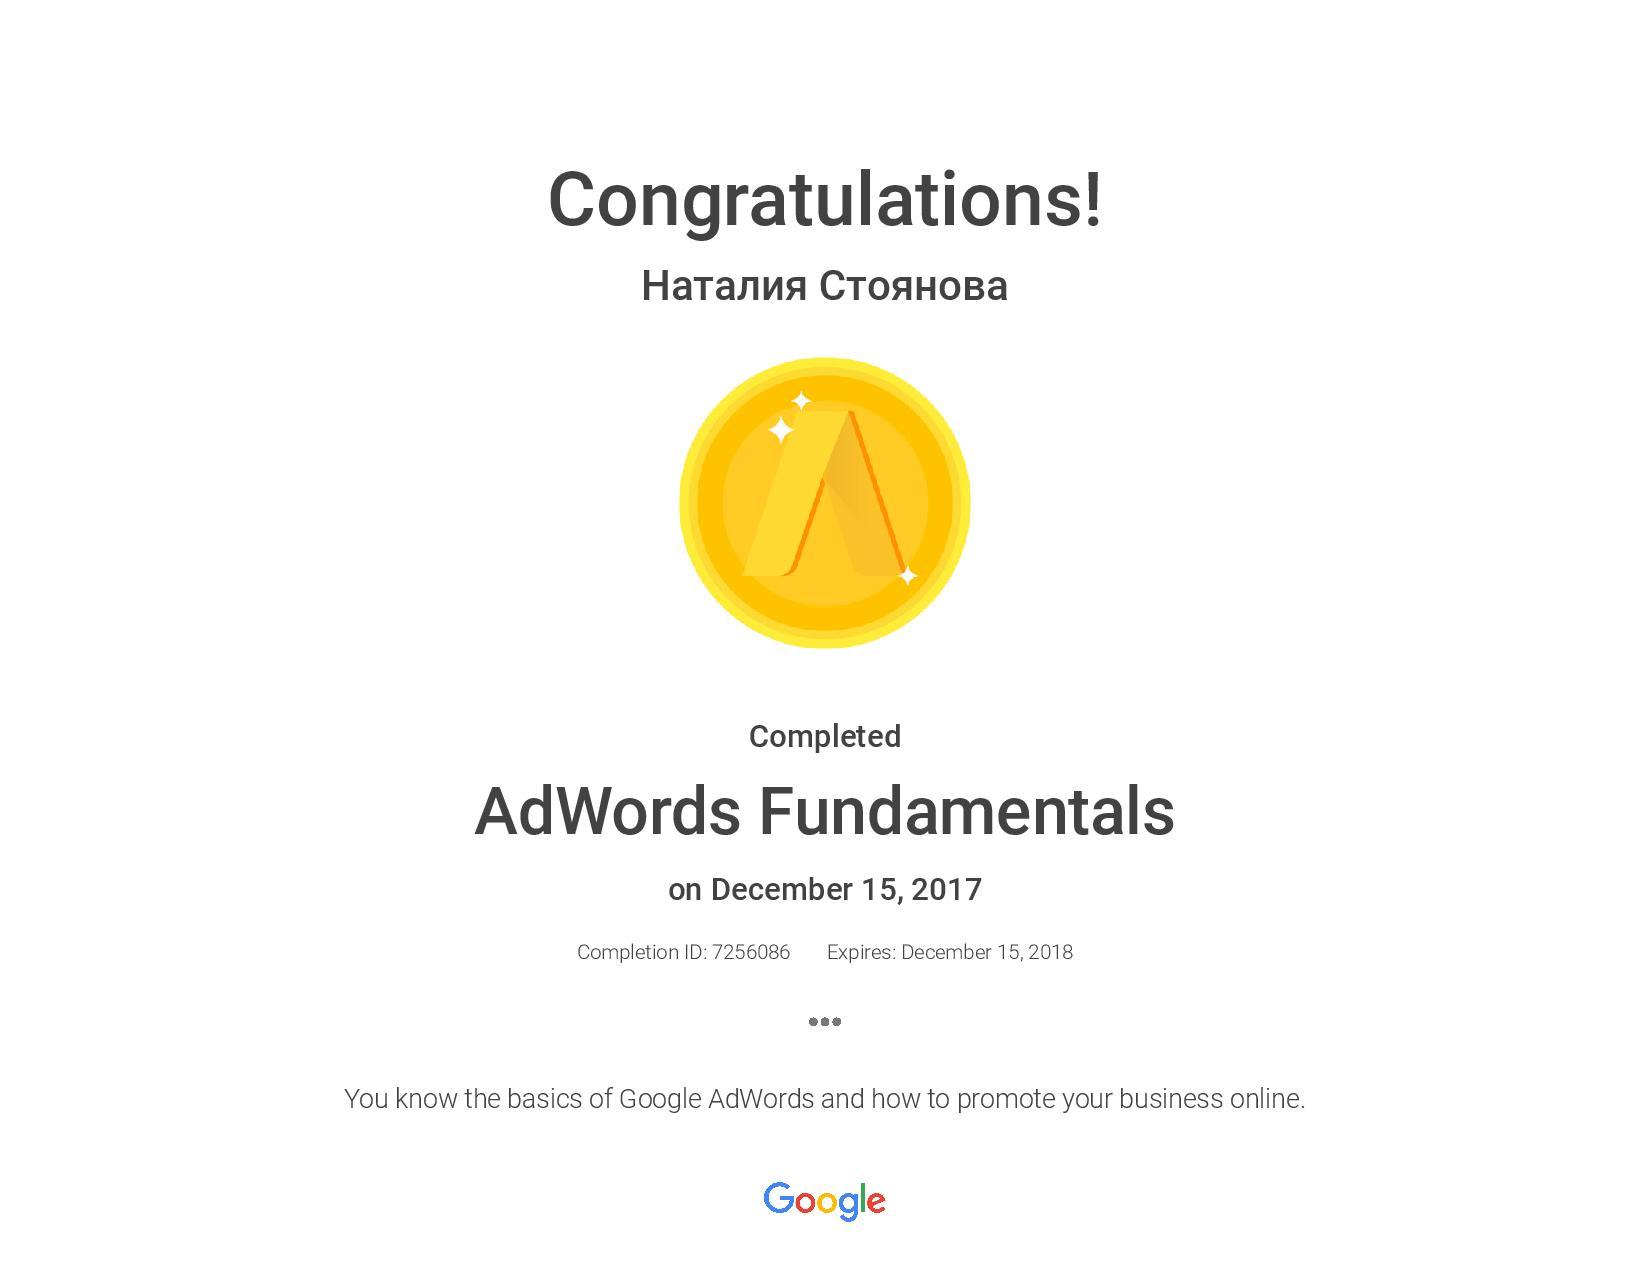 niya — Google AdWords